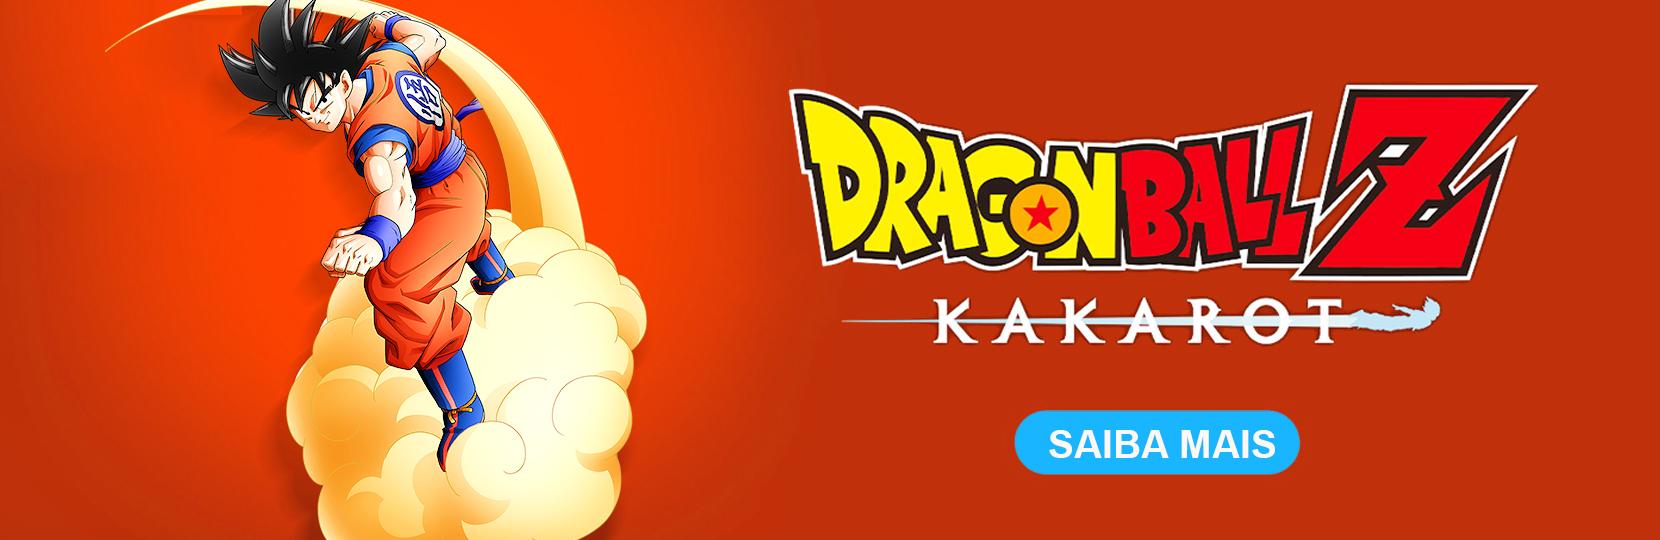 DBZ Kakarot